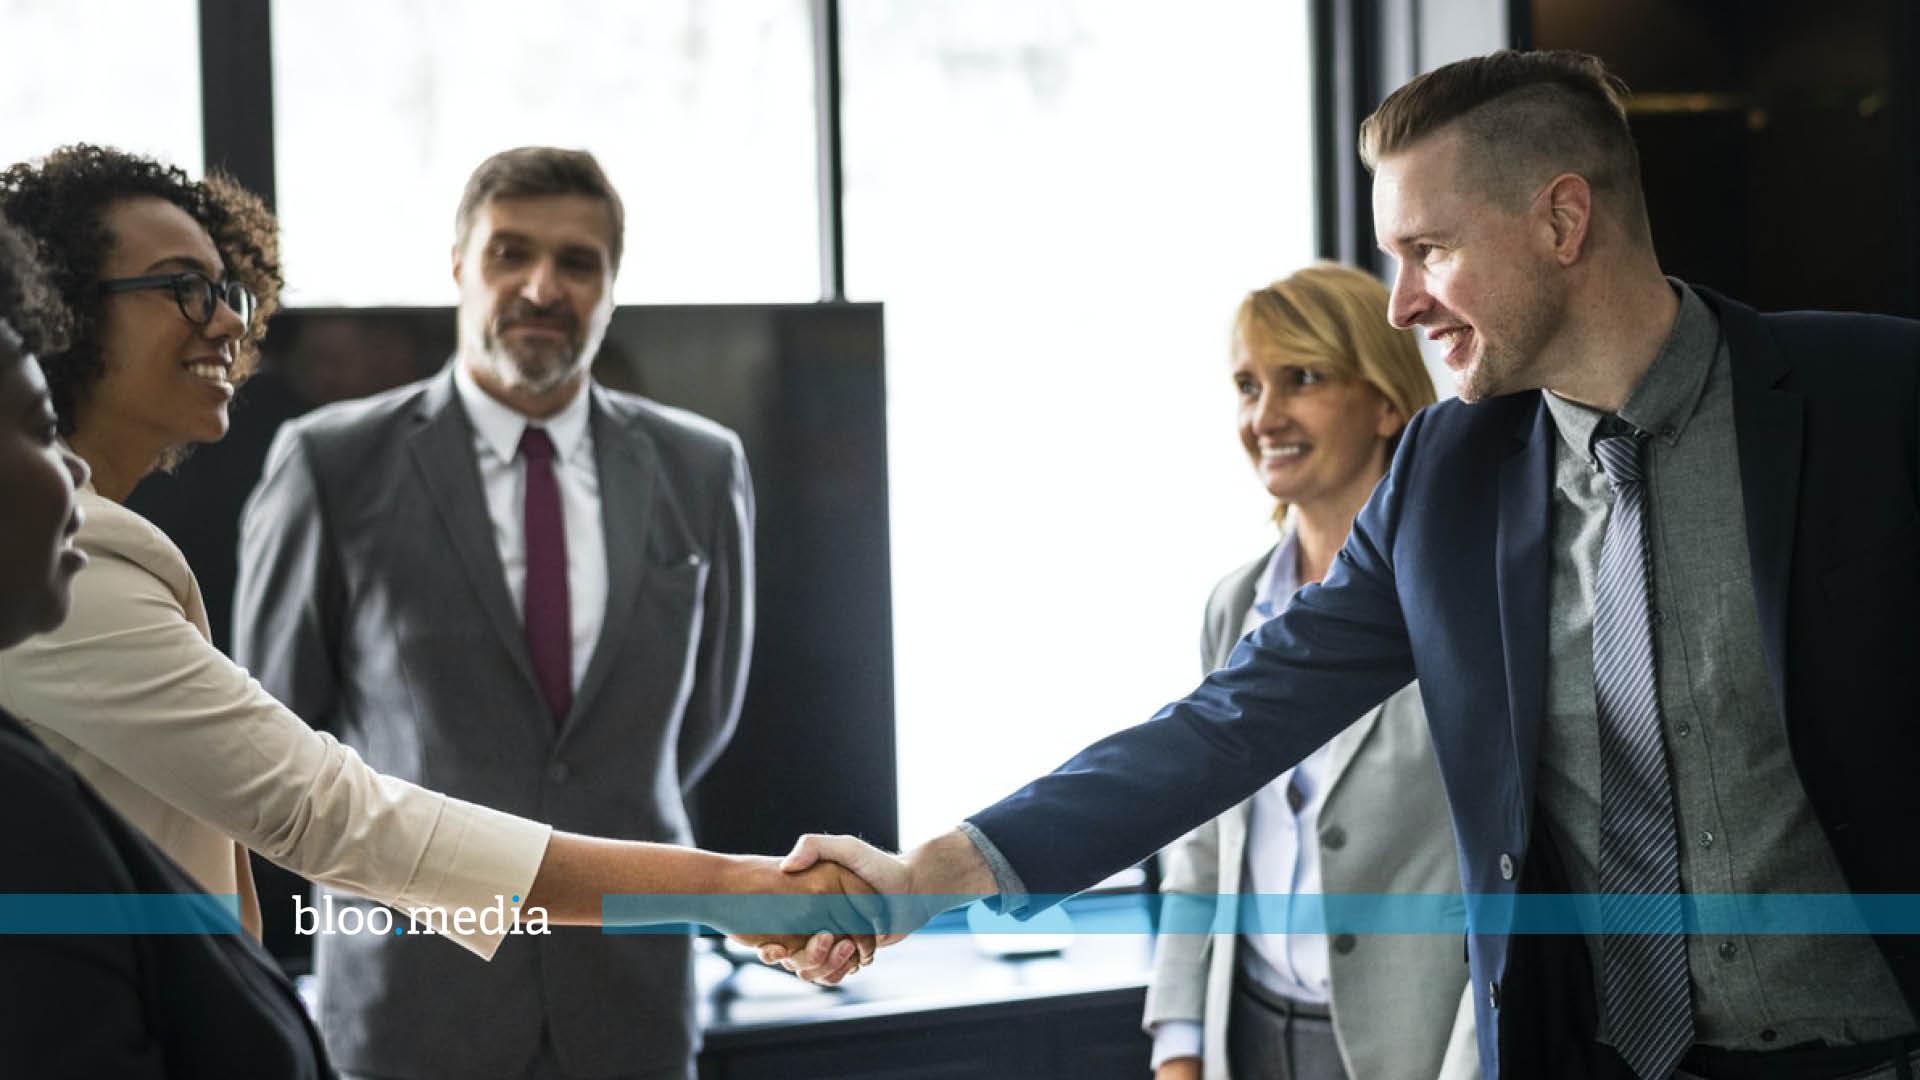 Atraer clientes a tu negocio. 6 Estrategias de Marketing que funcionan